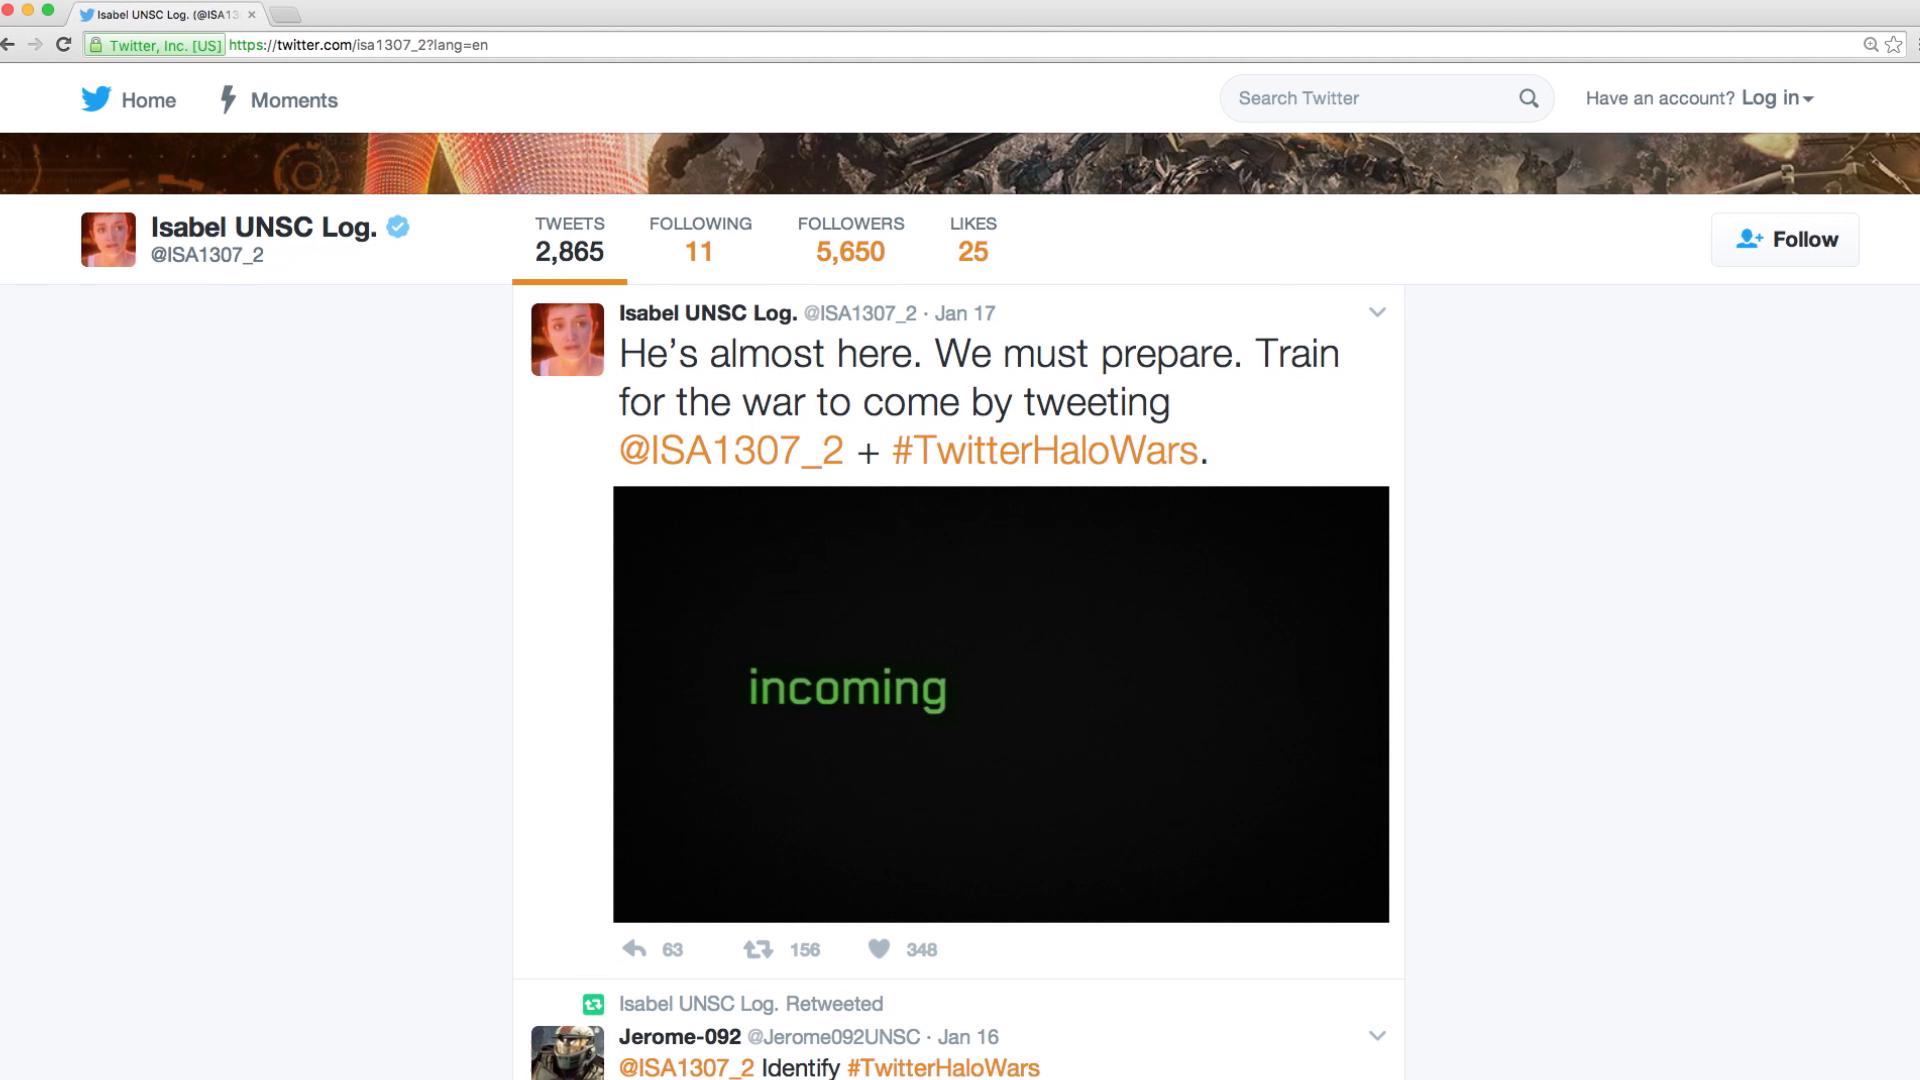 Thumbnail for #TwitterHaloWars